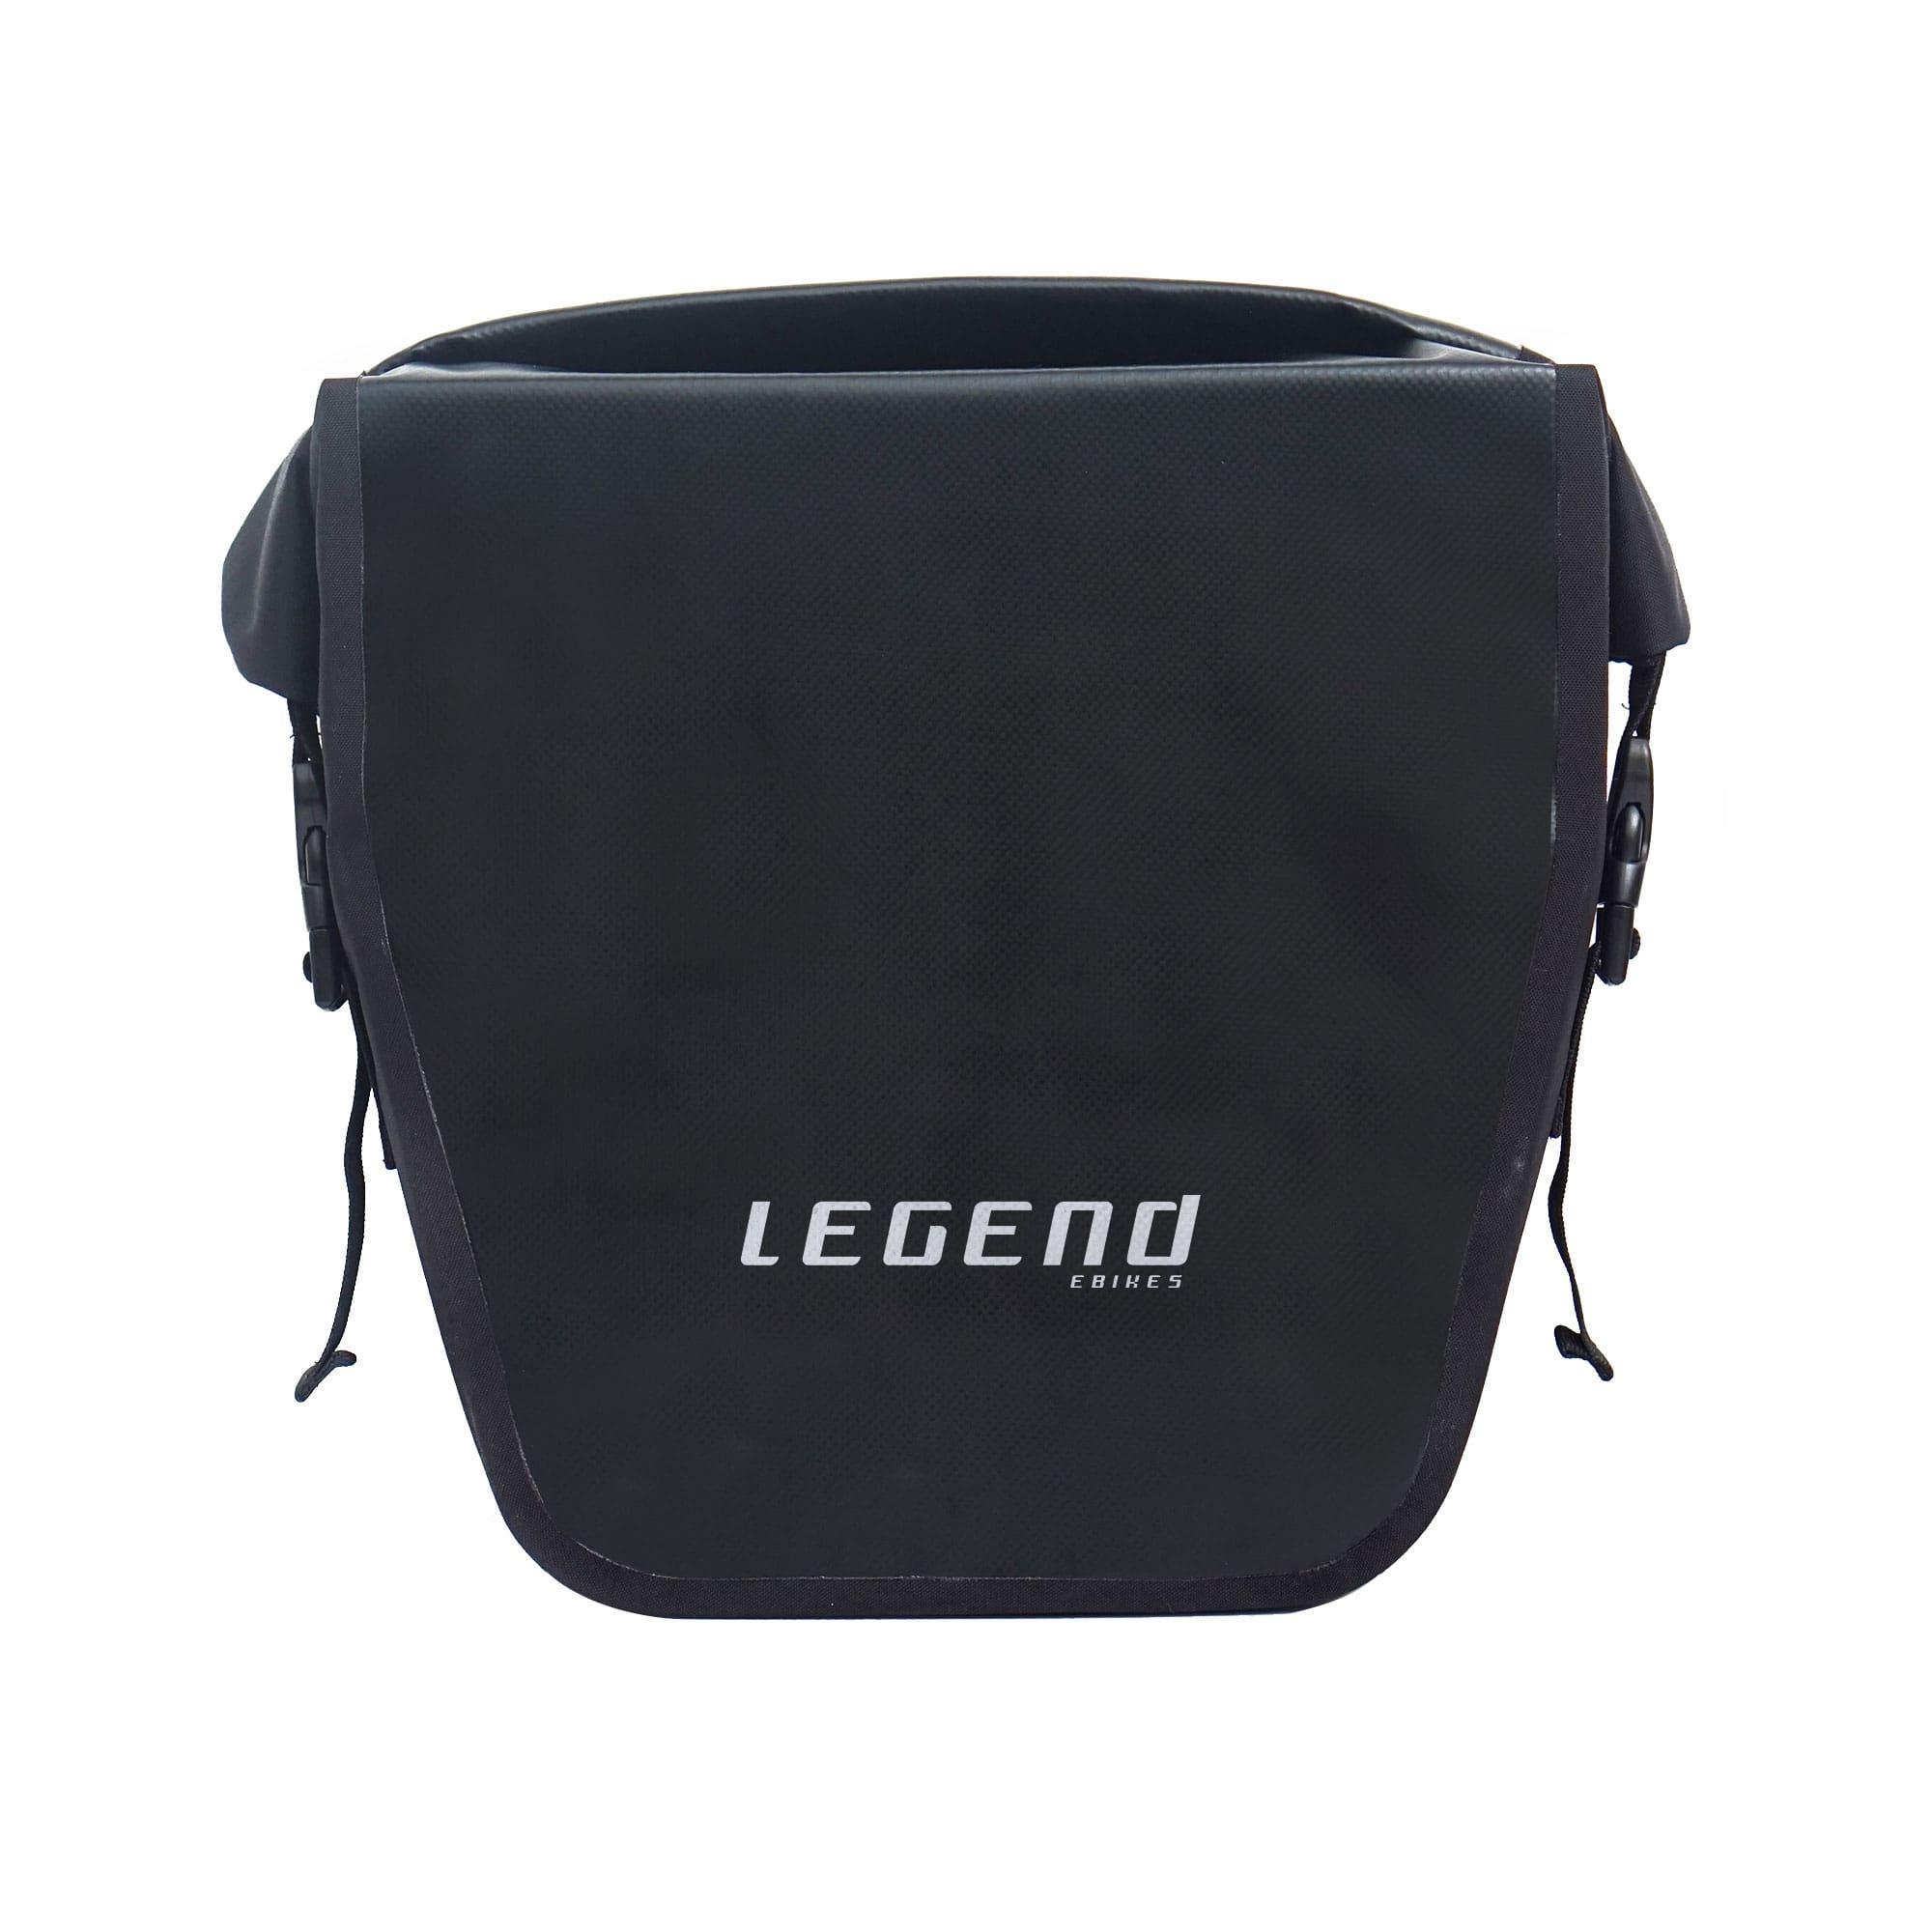 Legend wasserdichte grosse Packtasche 1 Stueck Schwarz